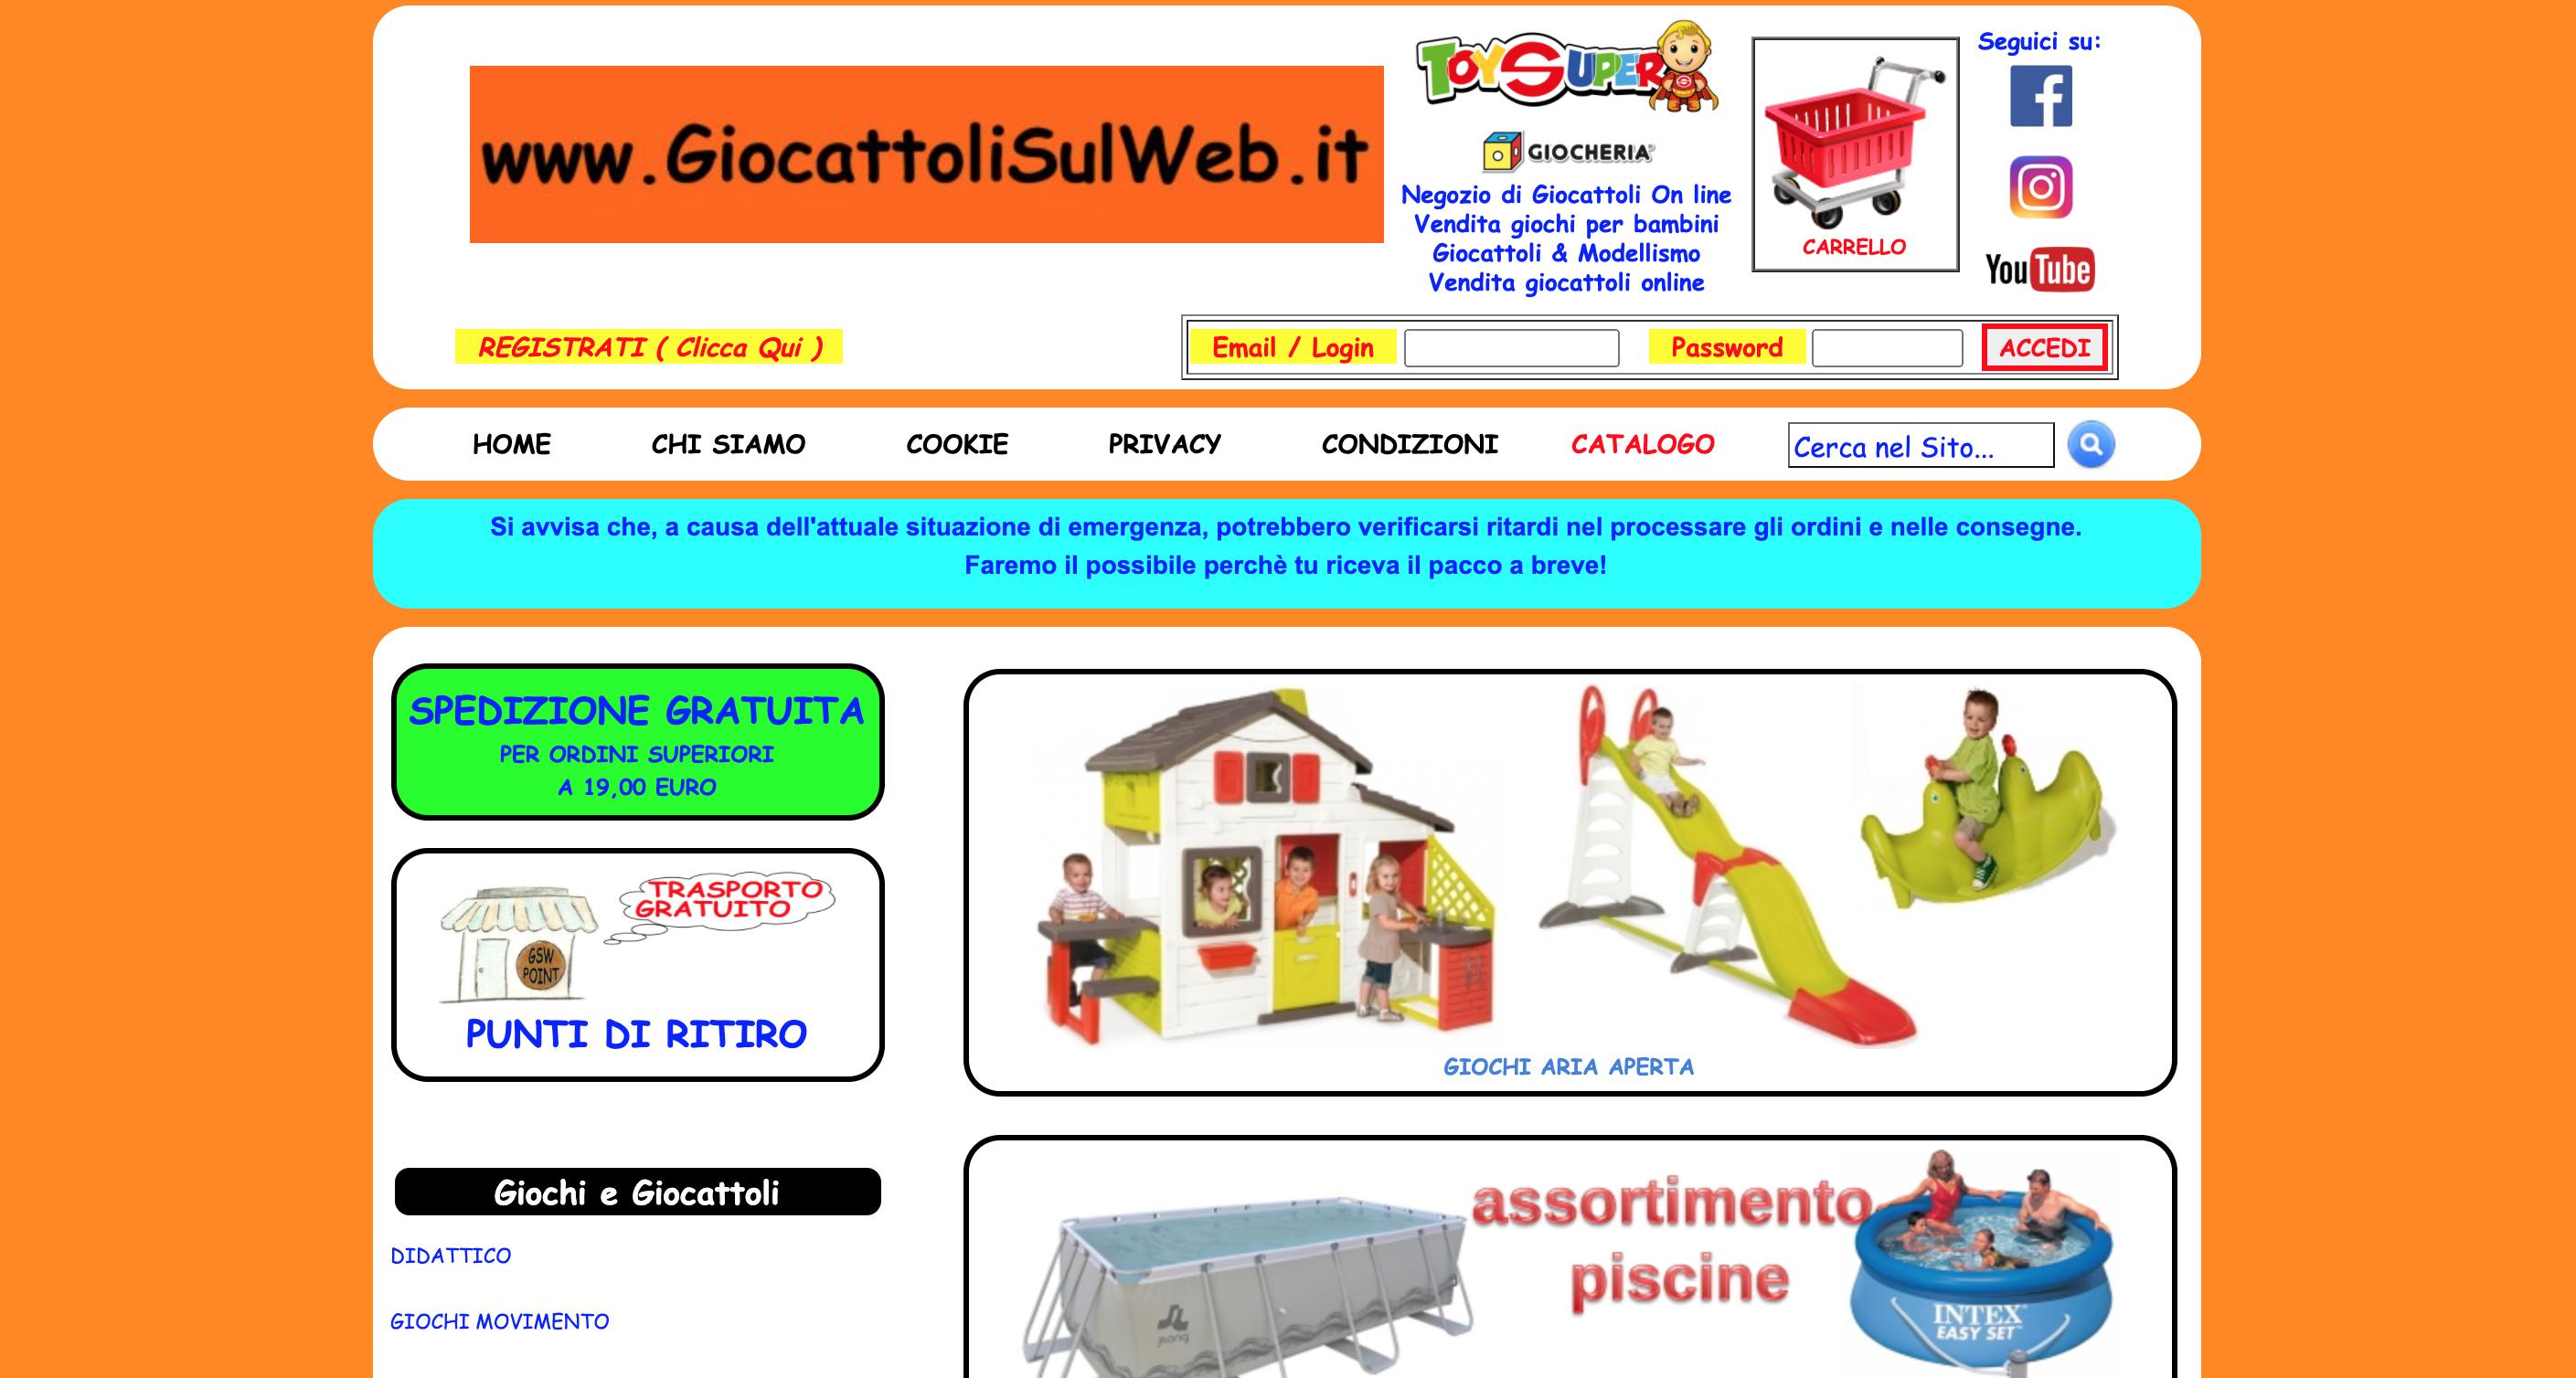 Giocattoli sul Web